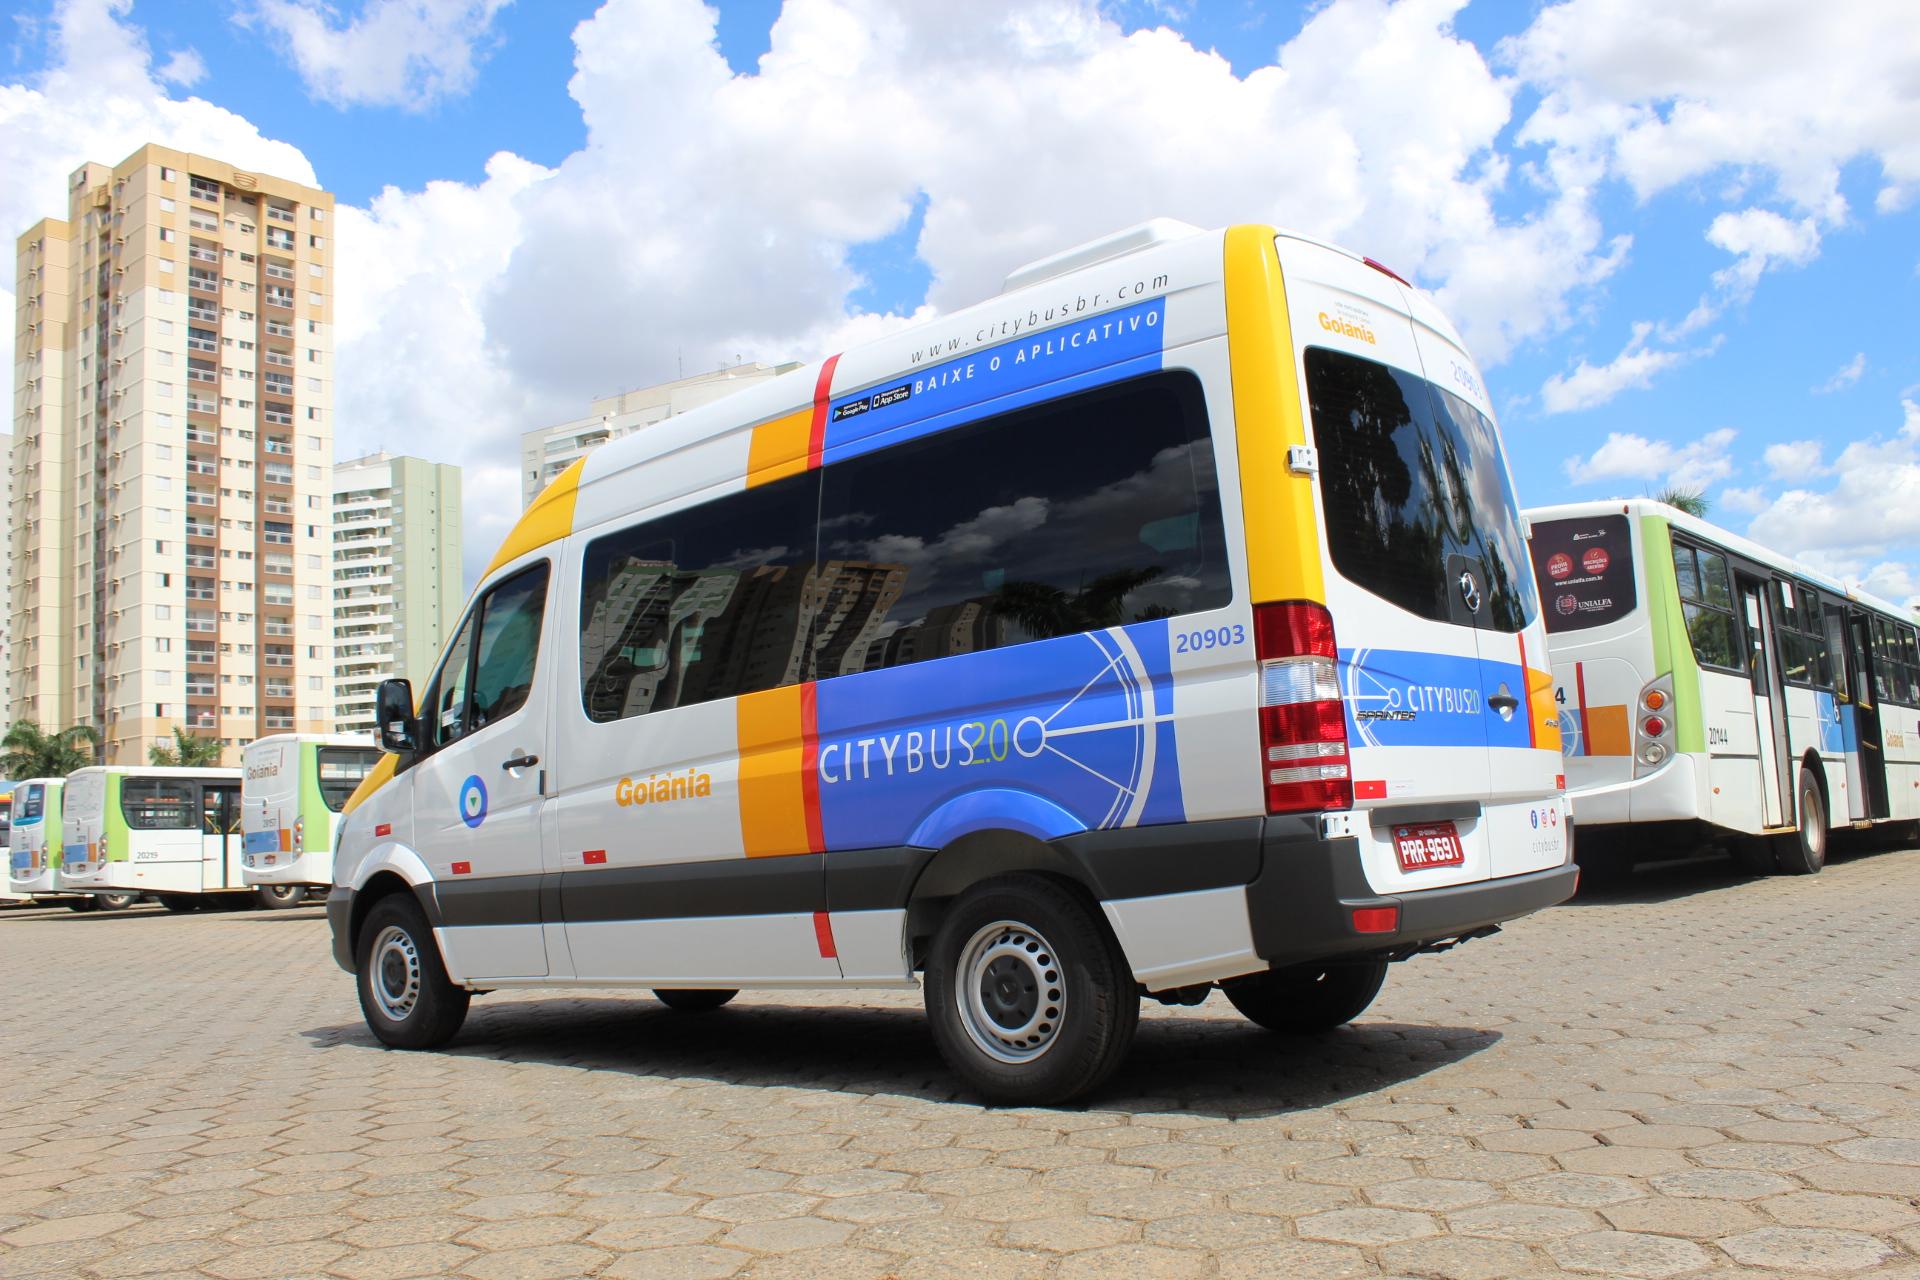 Citybus 2.0 amplia bônus concedido por indicação de novo usuário